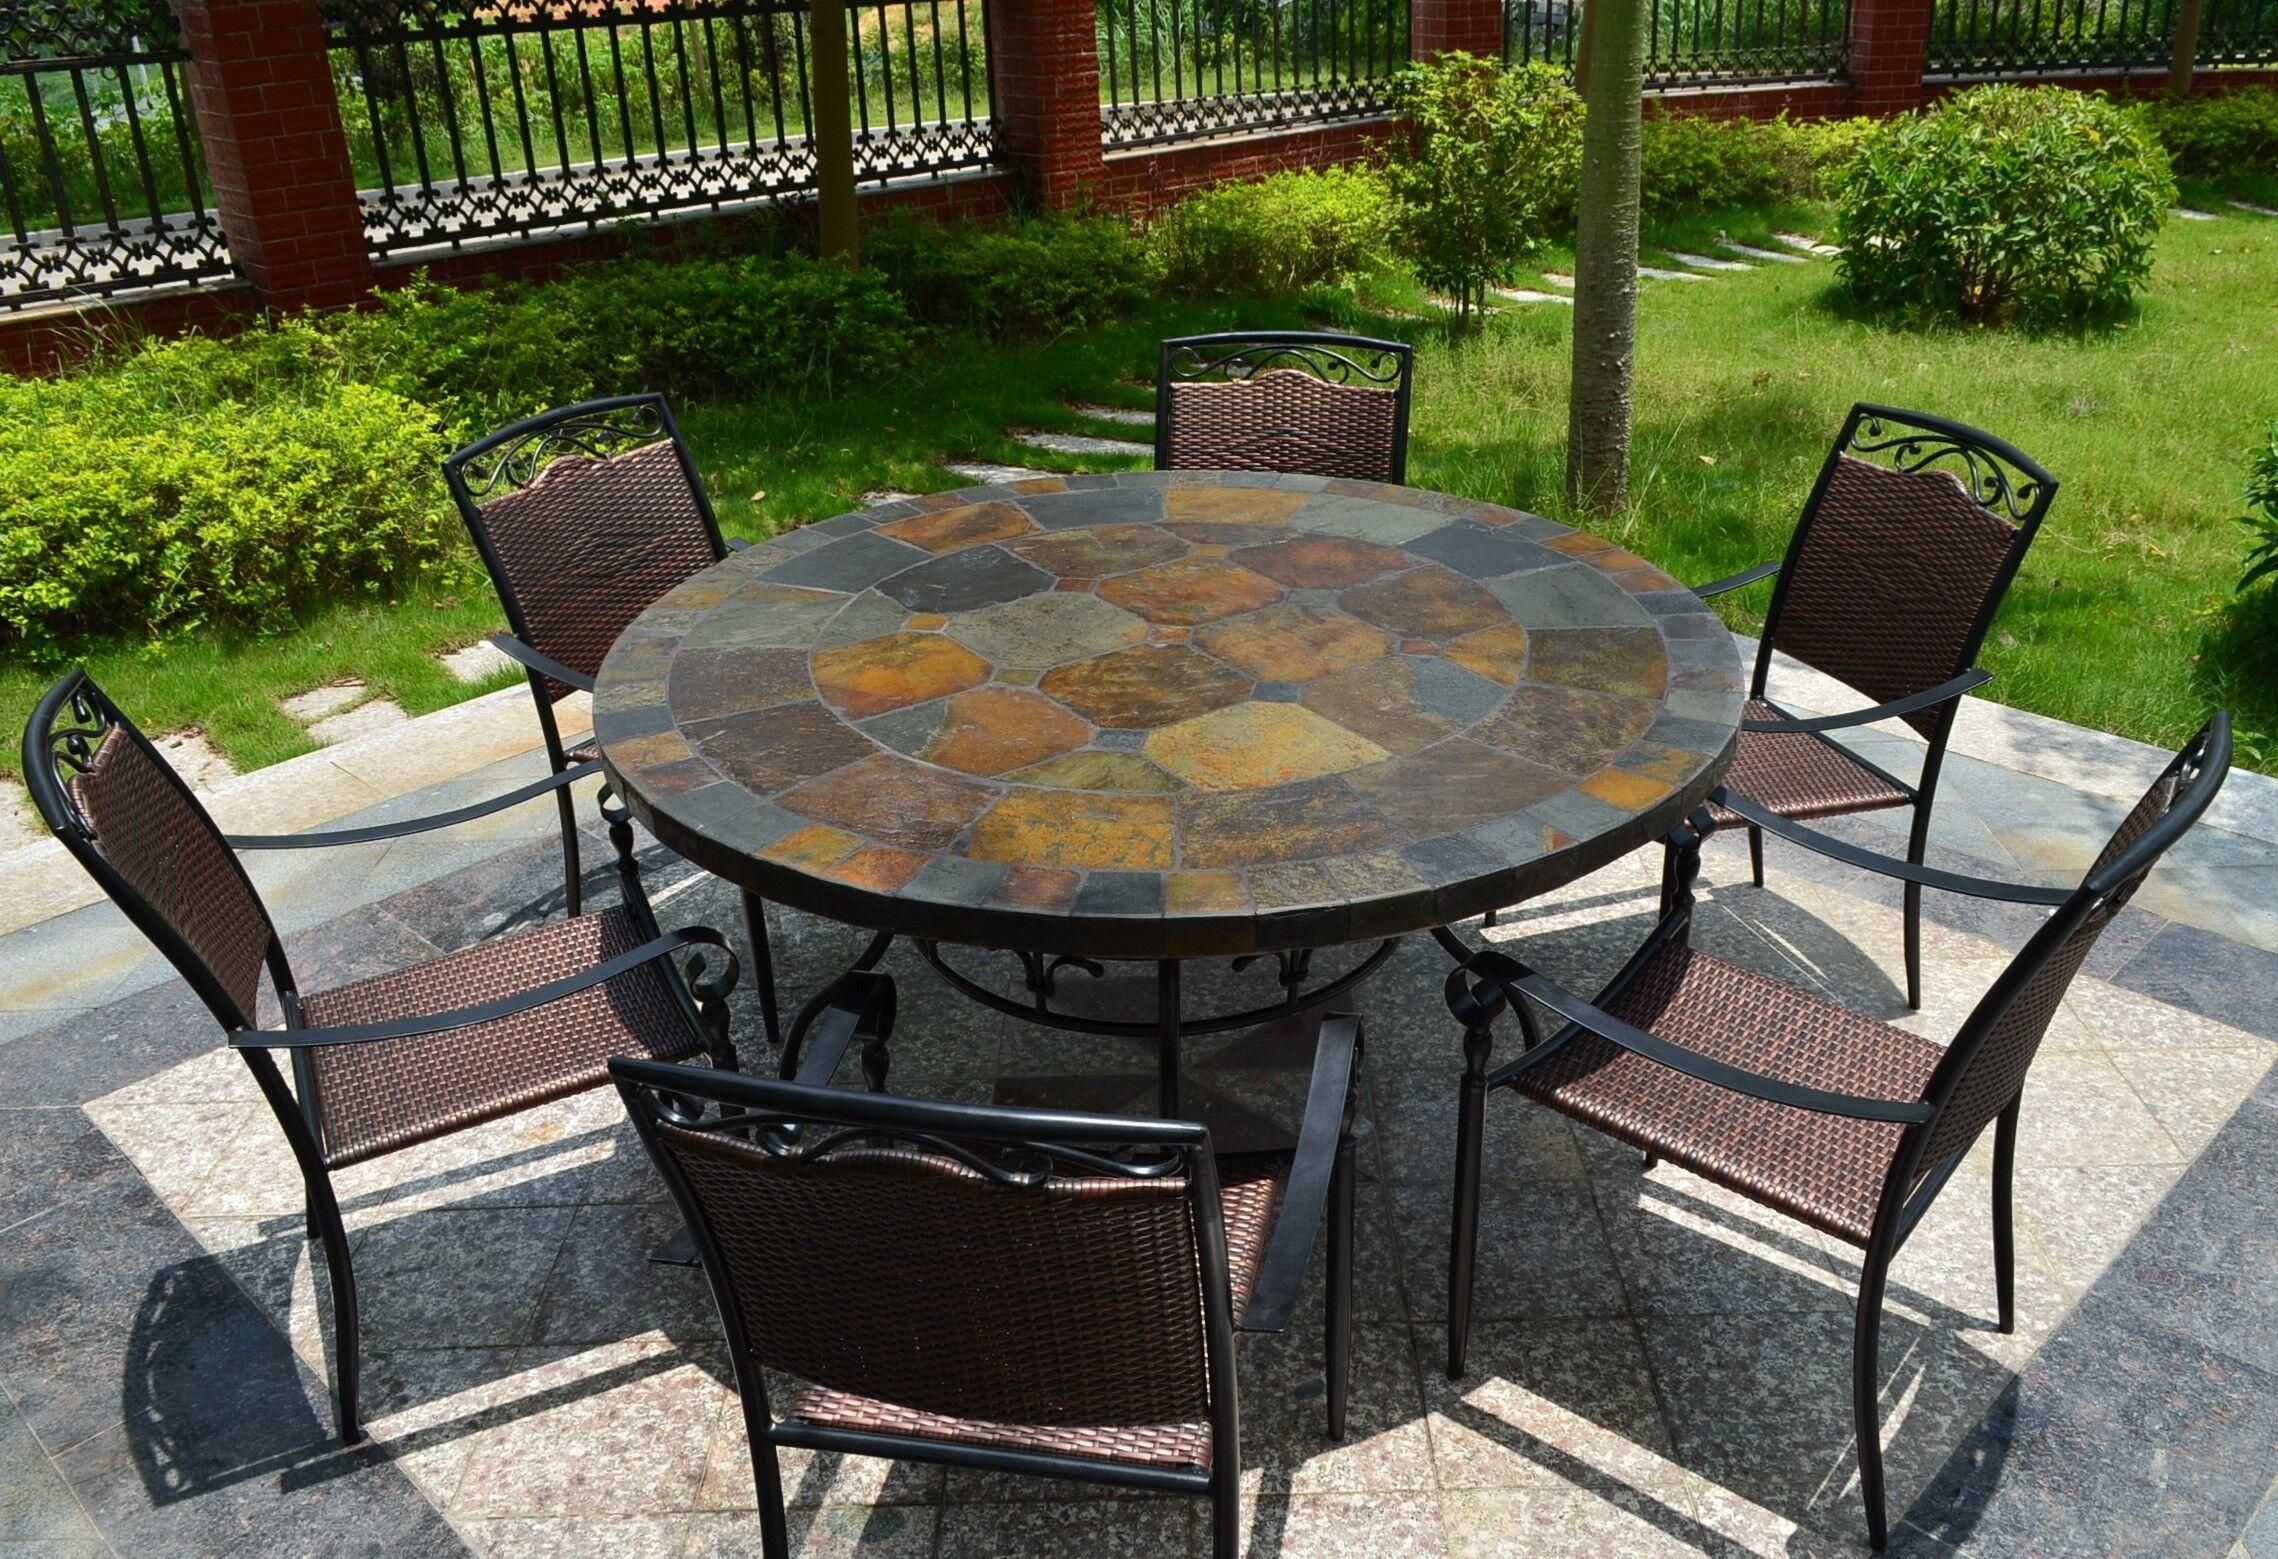 LivingRoc Table de jardin ronde mosaique d'ardoise 125-160 OCEANE